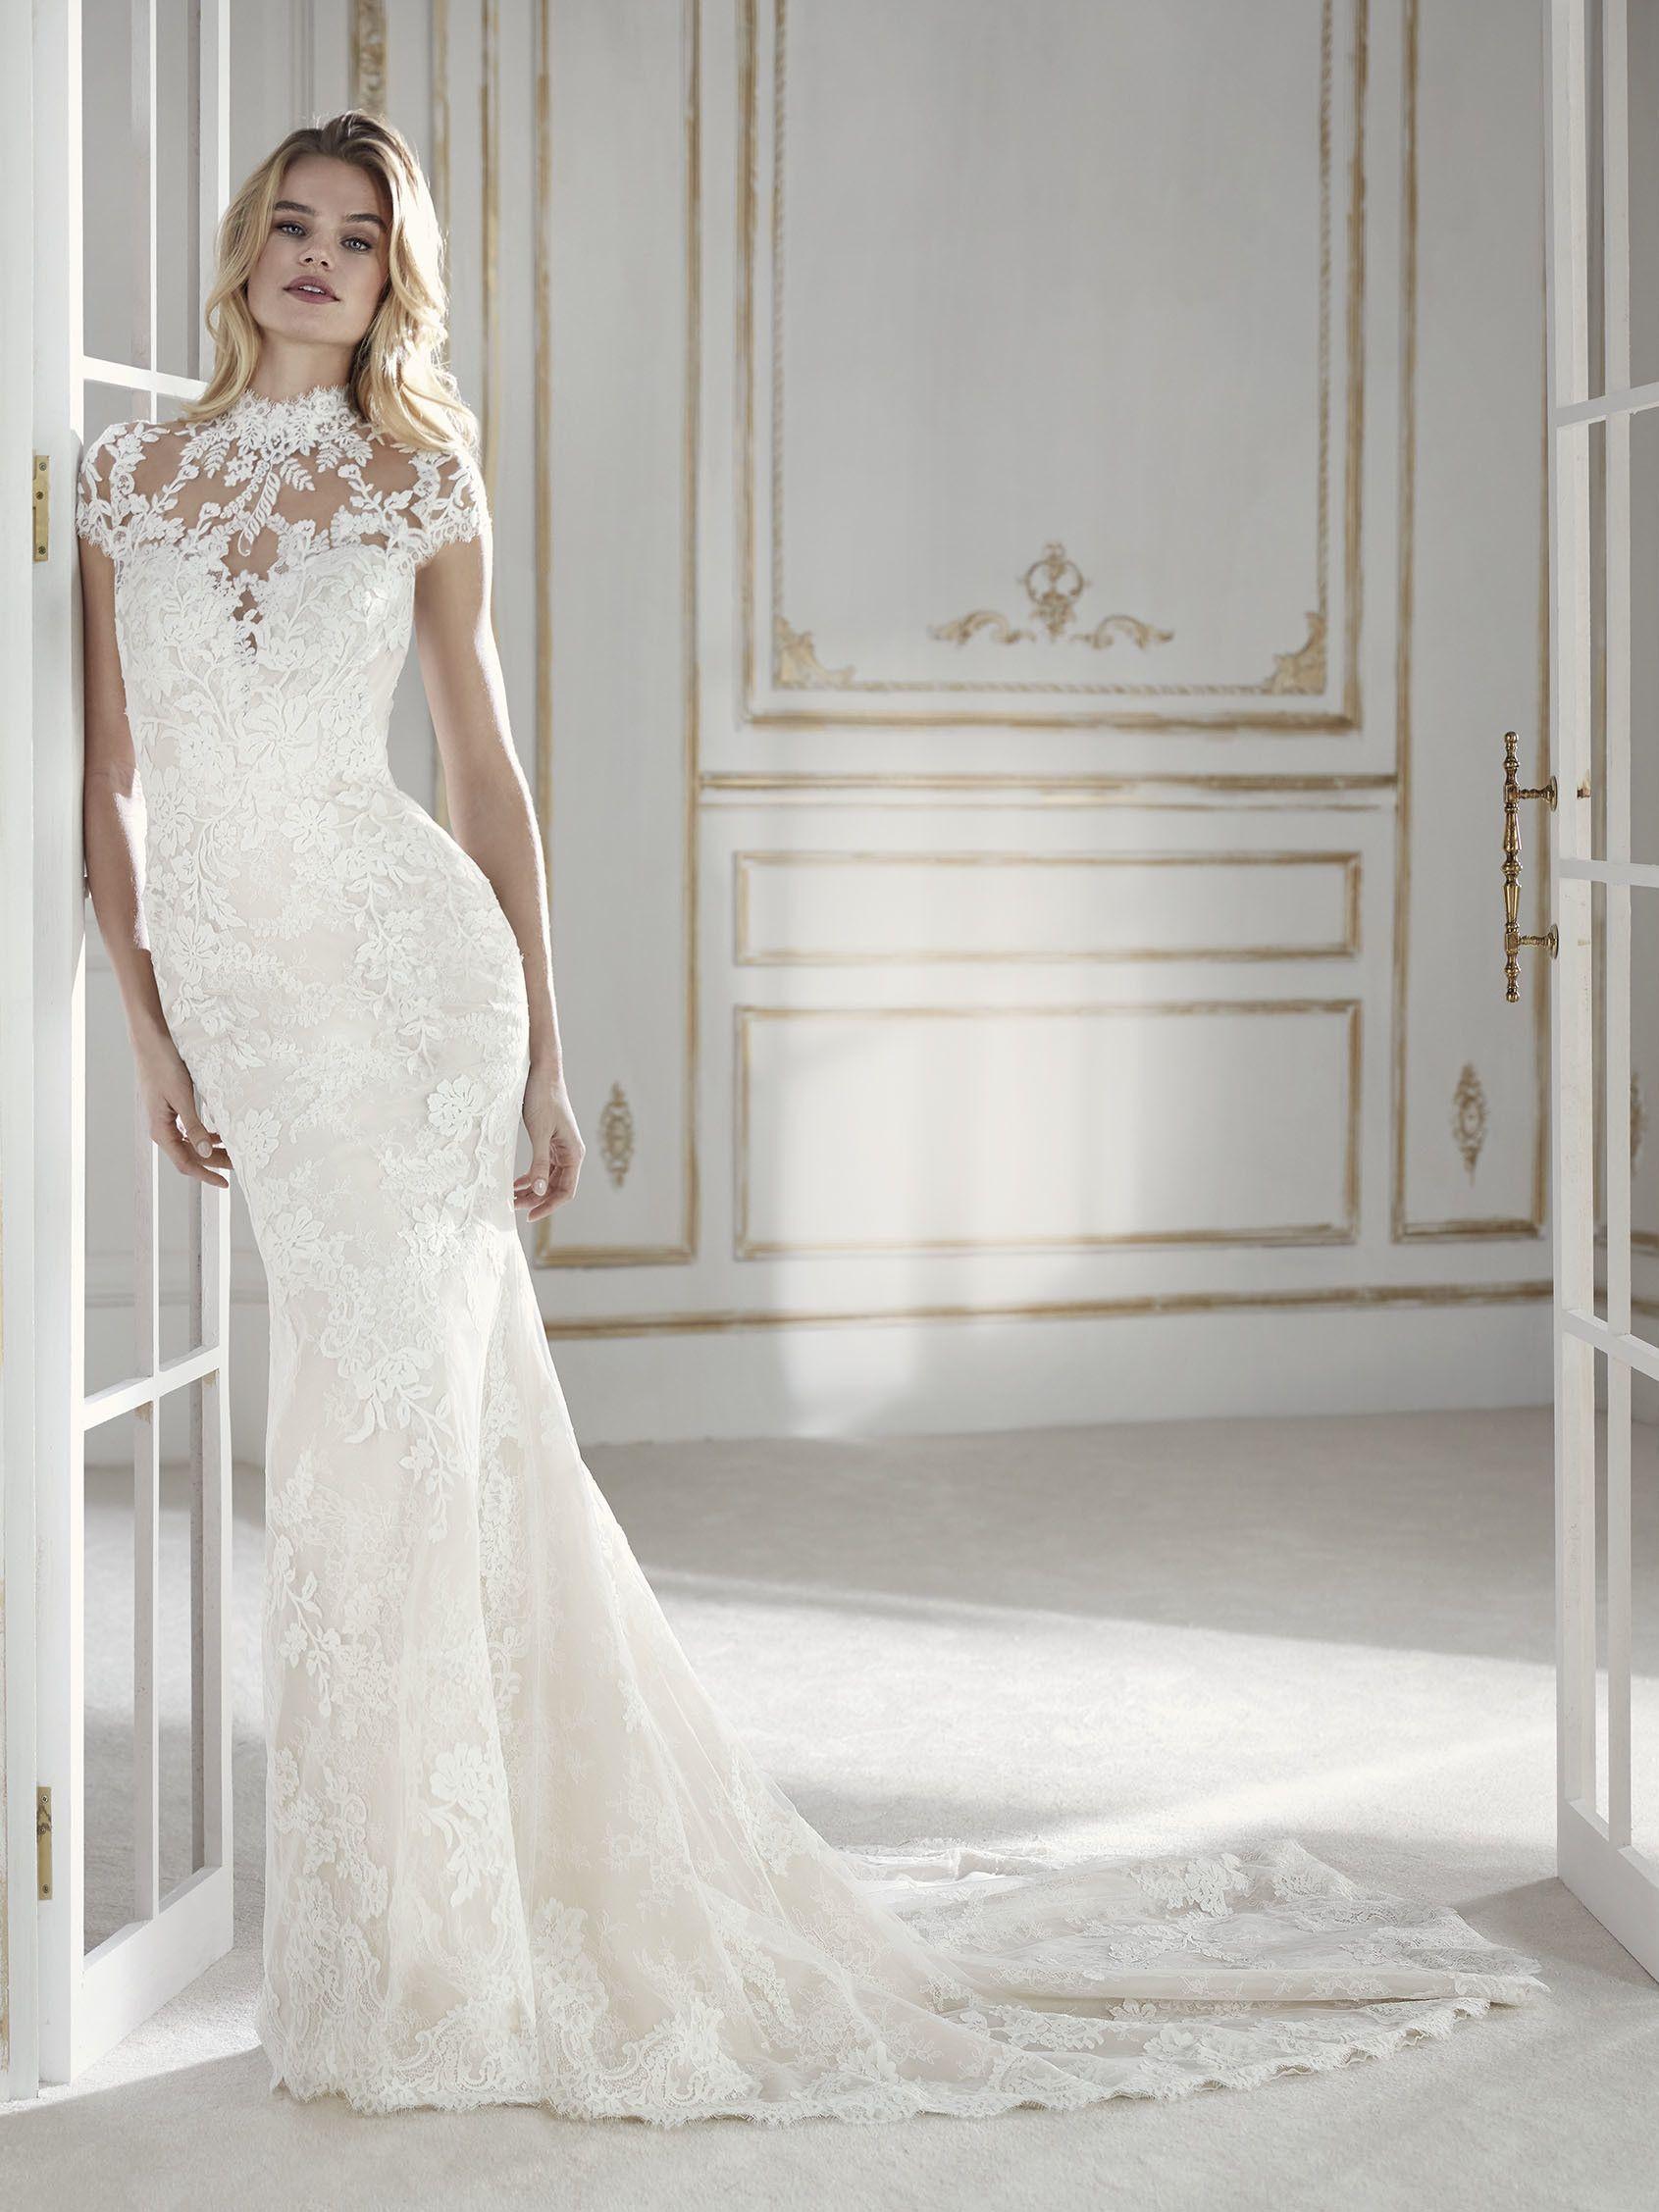 Parmena Sexy Brautkleid Parmena Pinterest Wedding Dresses